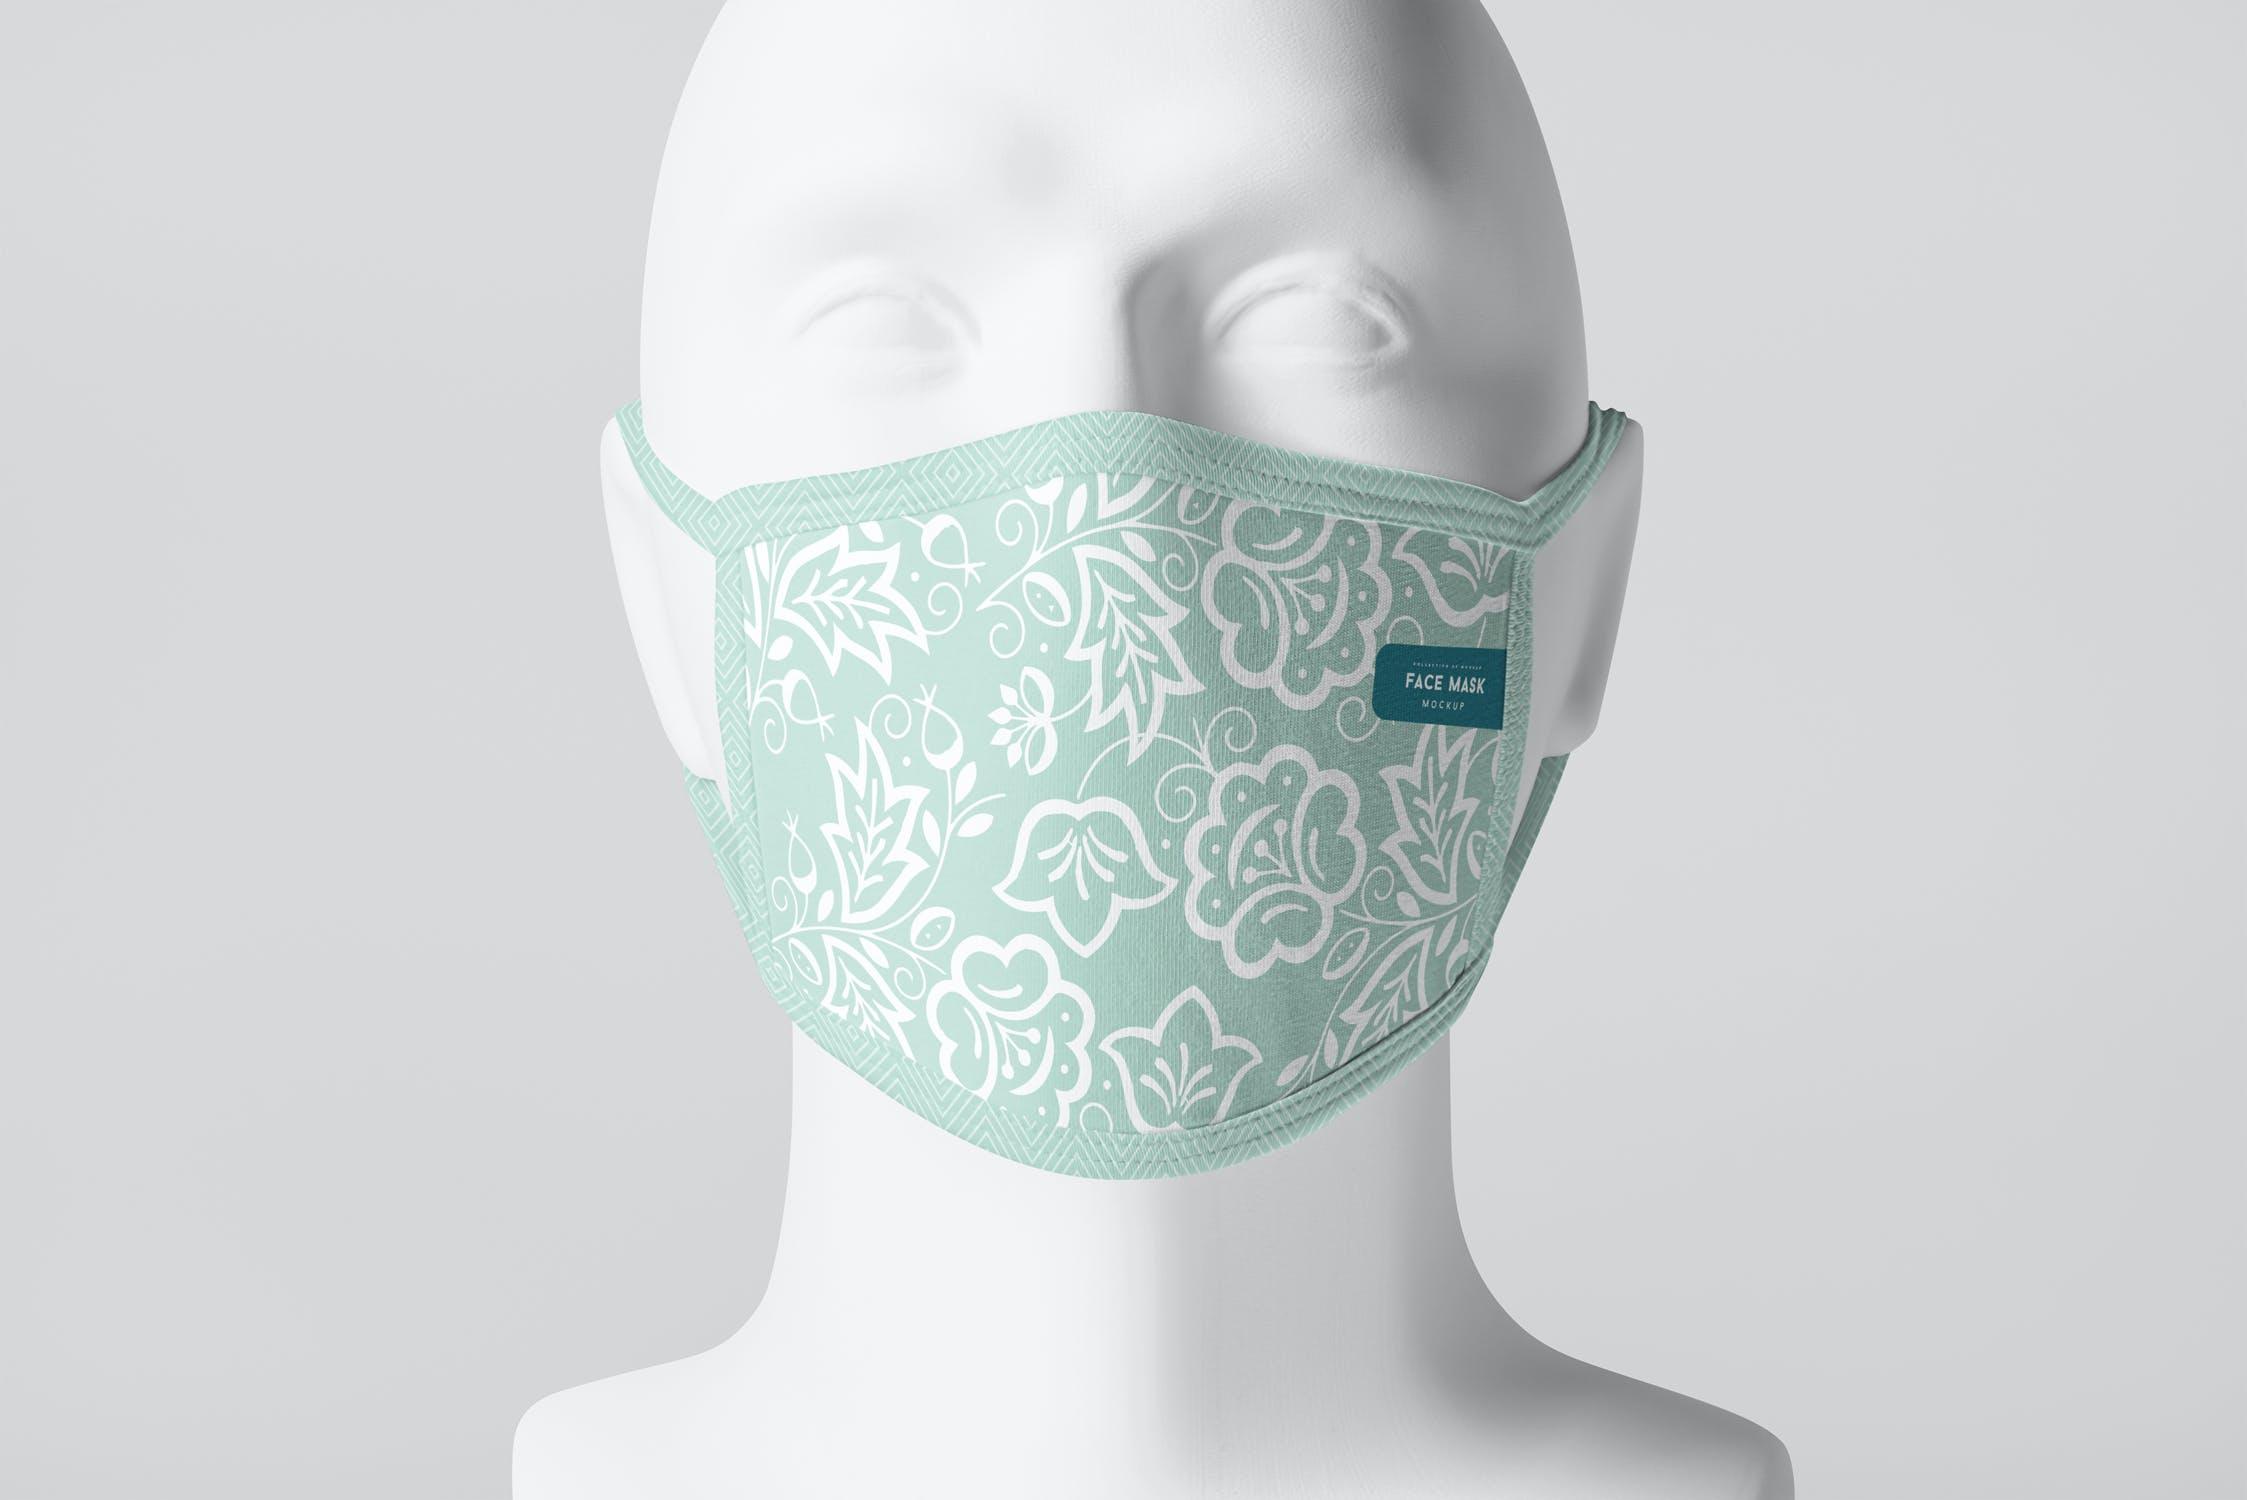 8款防护面罩口罩印花设计展示样机PSD模板 Face Mask Mockup插图